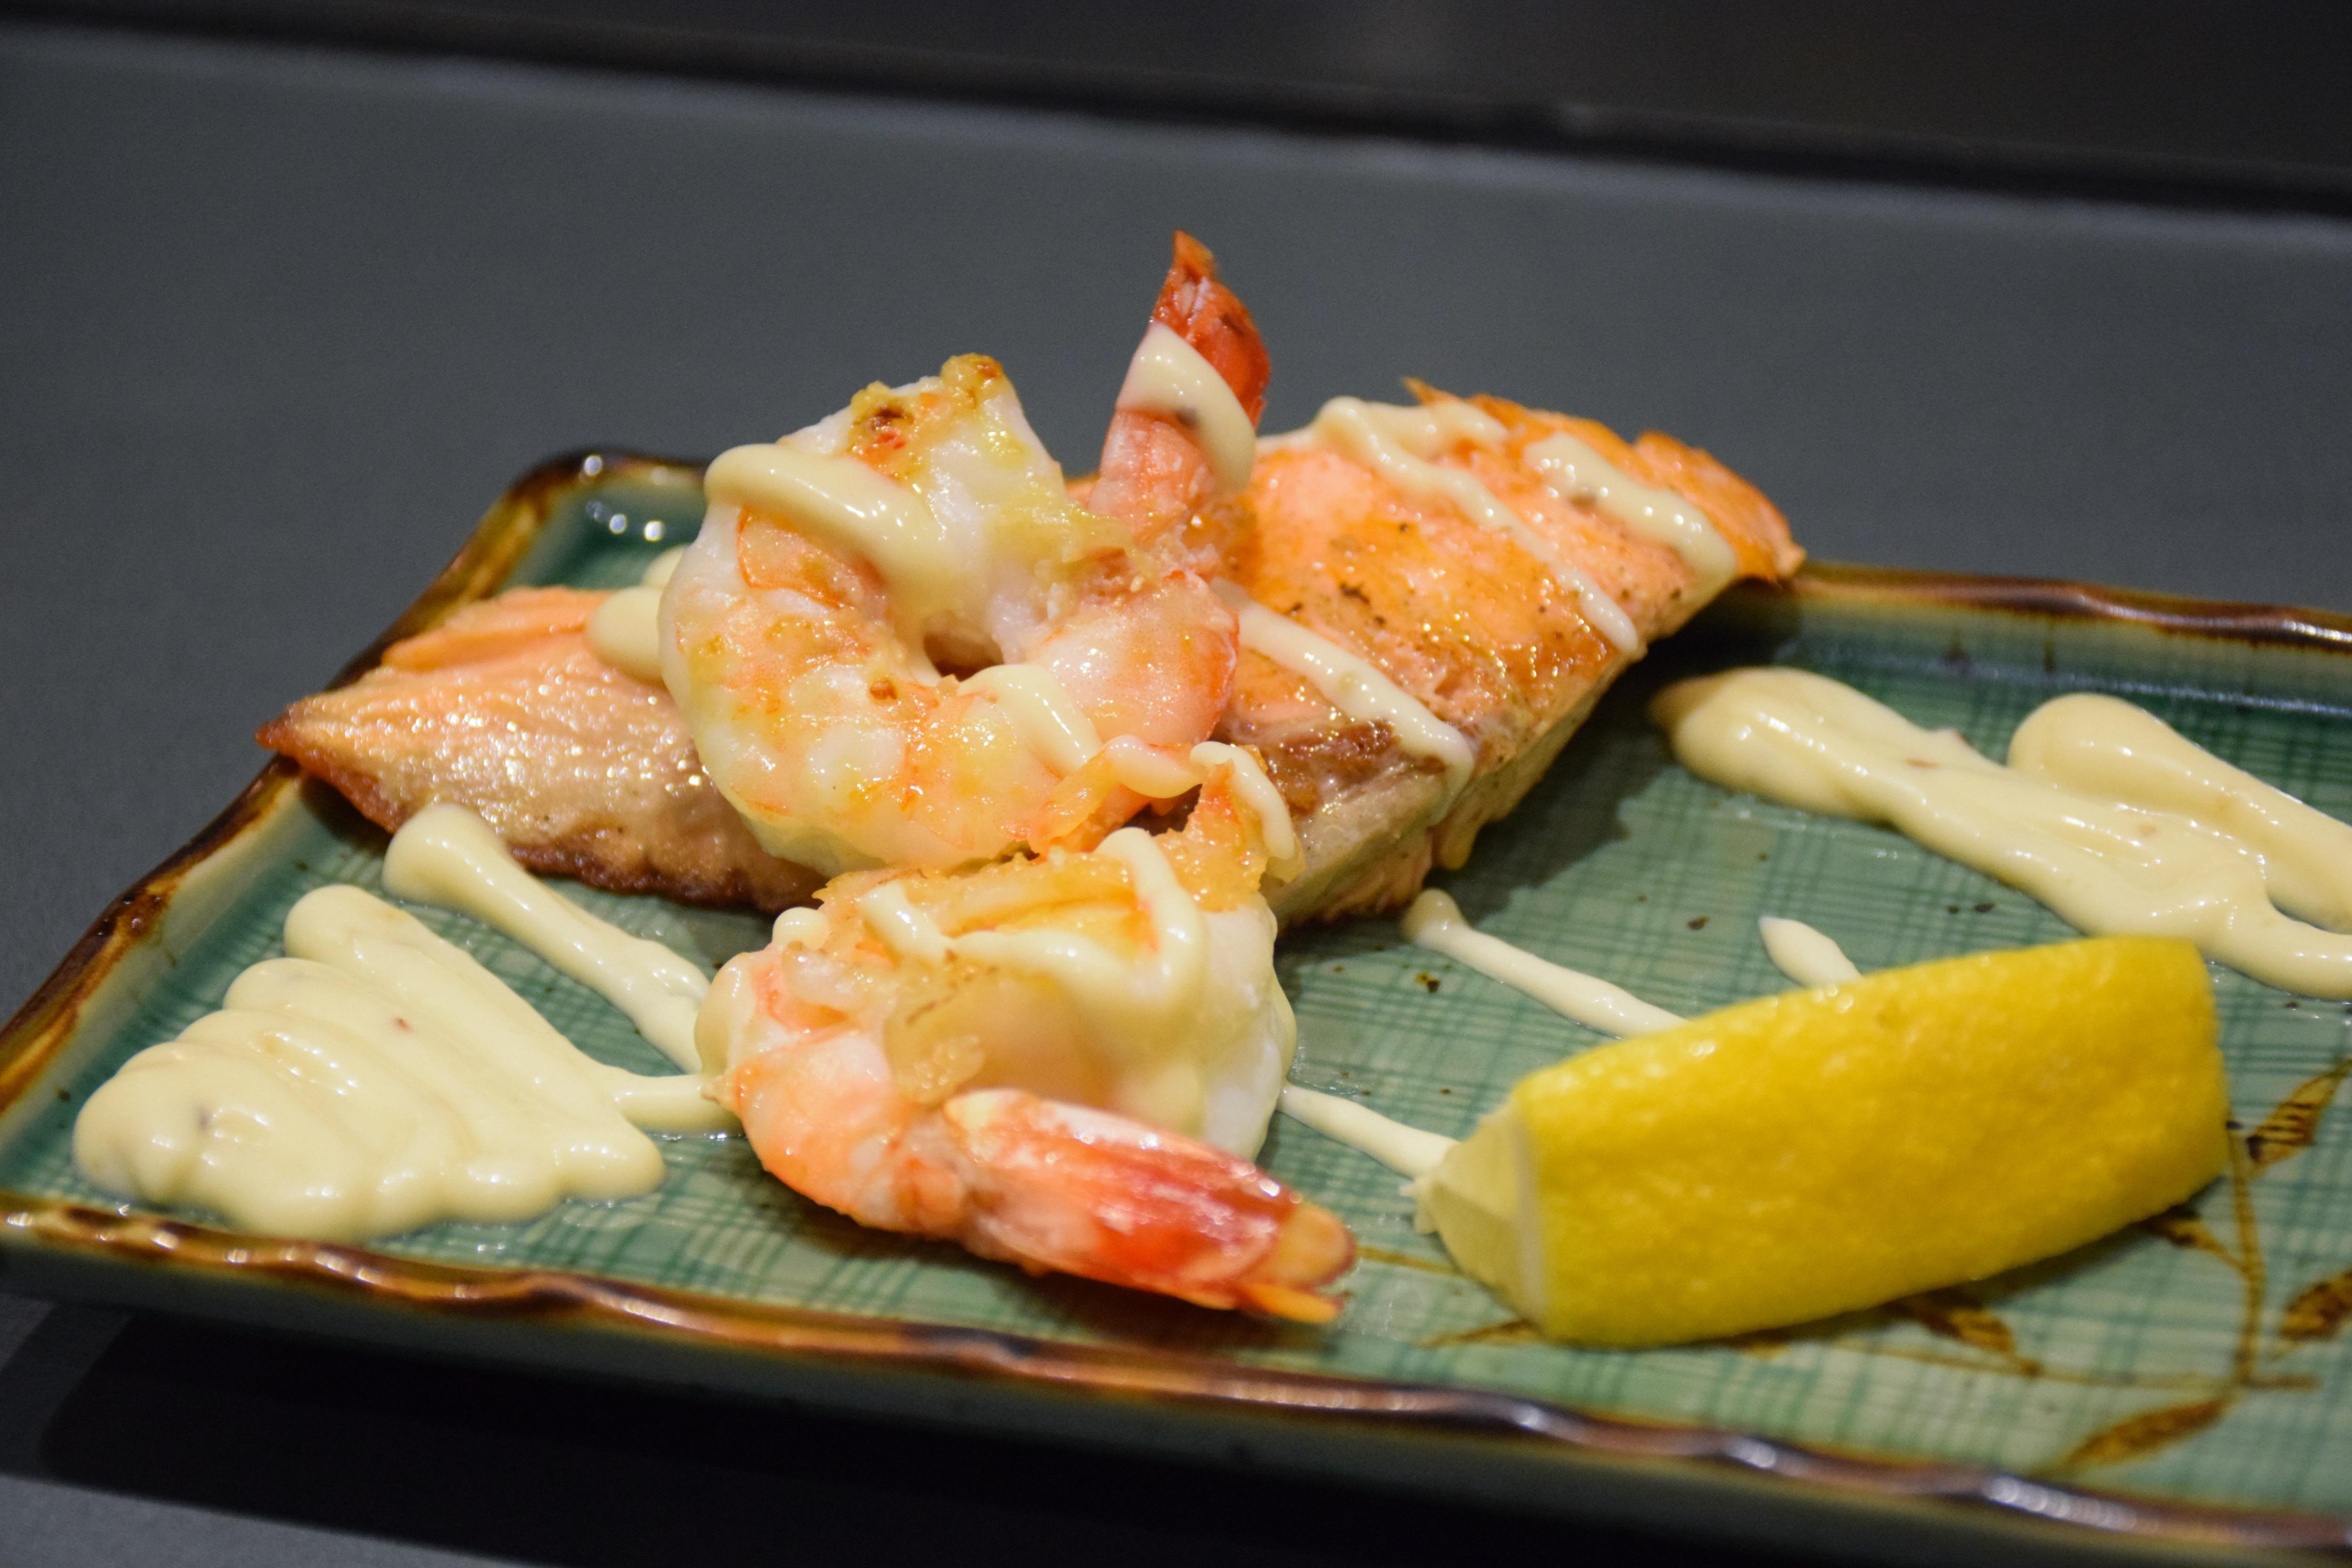 Hatsuhana japanese restaurant gold coast for Asian cuisine in australia